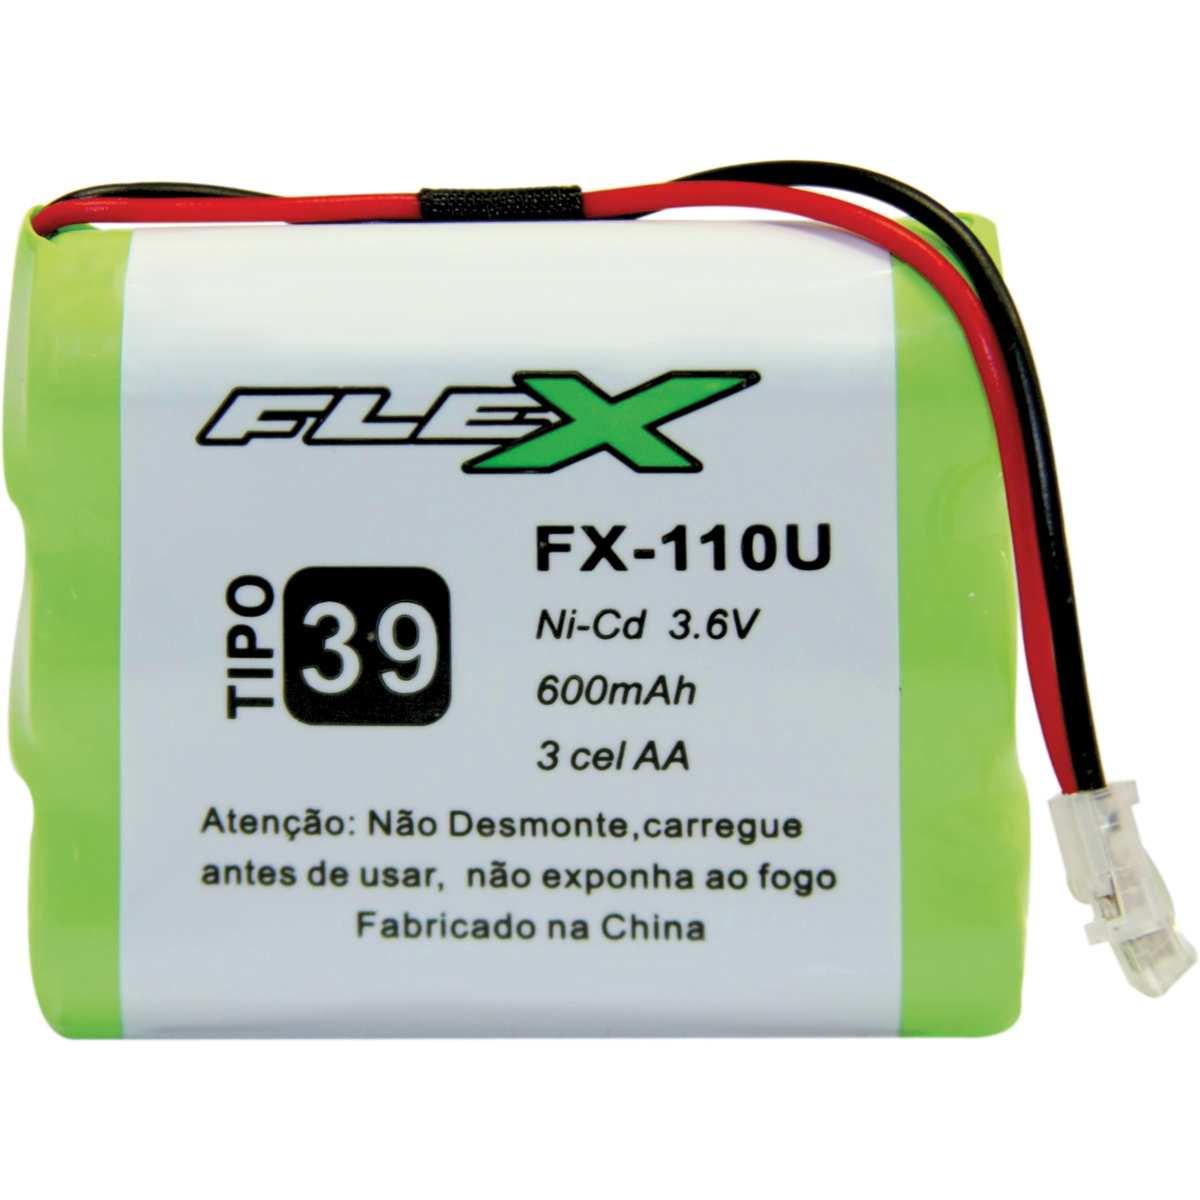 Bateria Telefone S/ Fio 3.6V 600MAH PLUG Univer